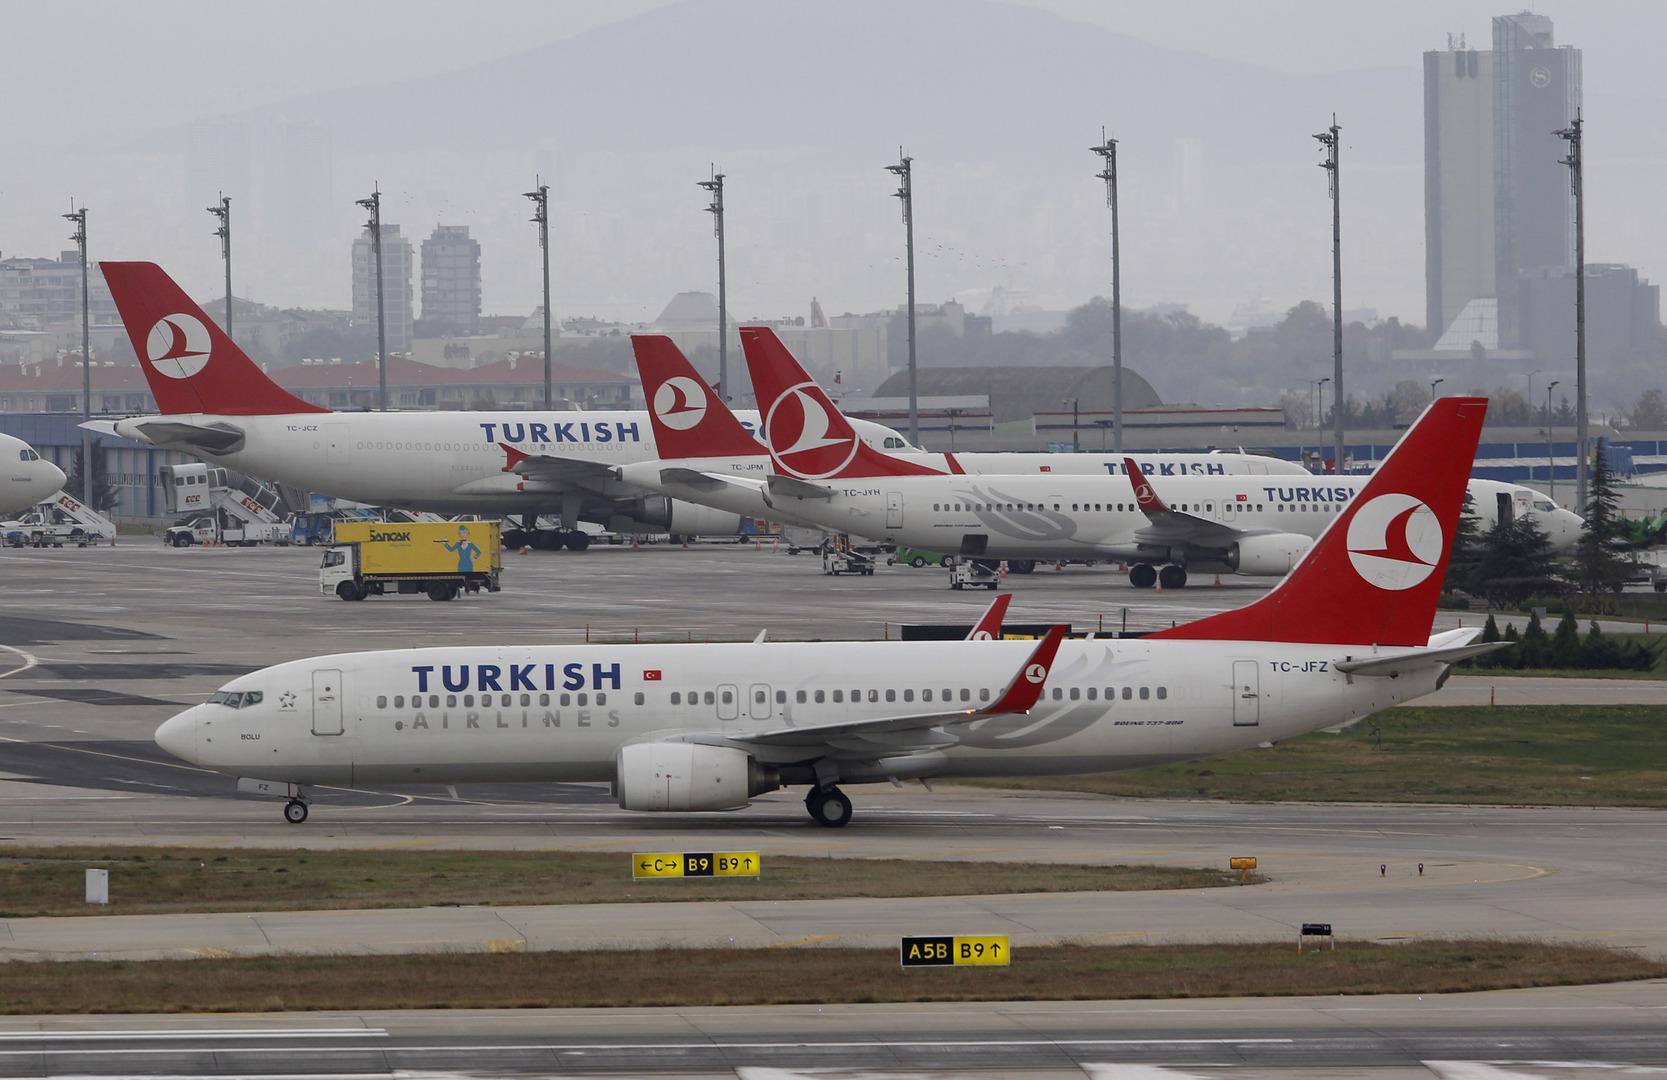 روسيا تستأنف الرحلات الجوية مع تركيا اعتبارا من الـ22 من يونيو